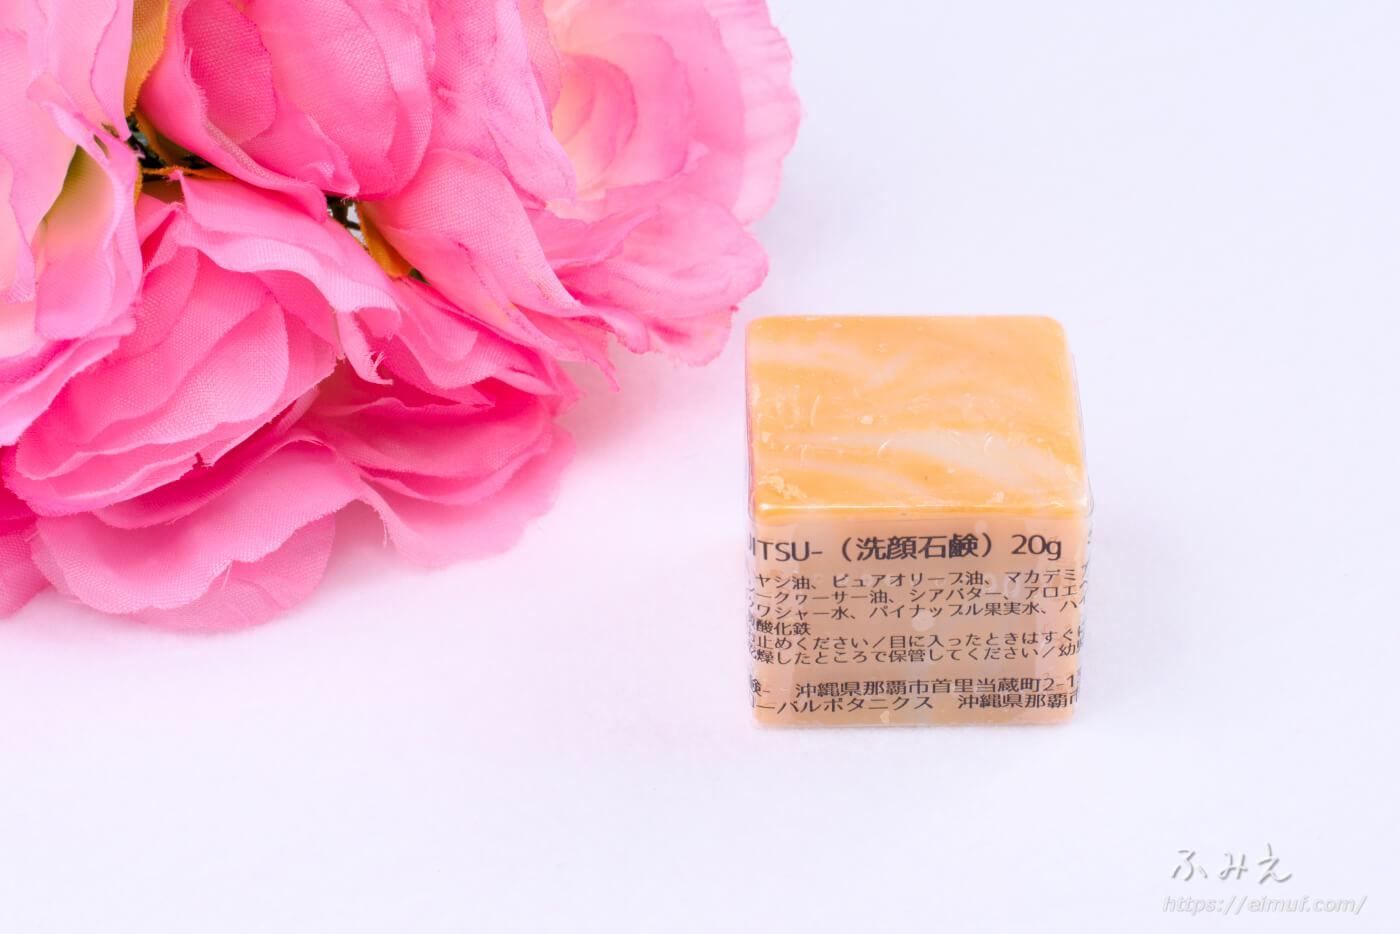 首里石鹸 ボタニカルハンドメイドソープ CUBE石鹸 8つセット (果実) 側面2